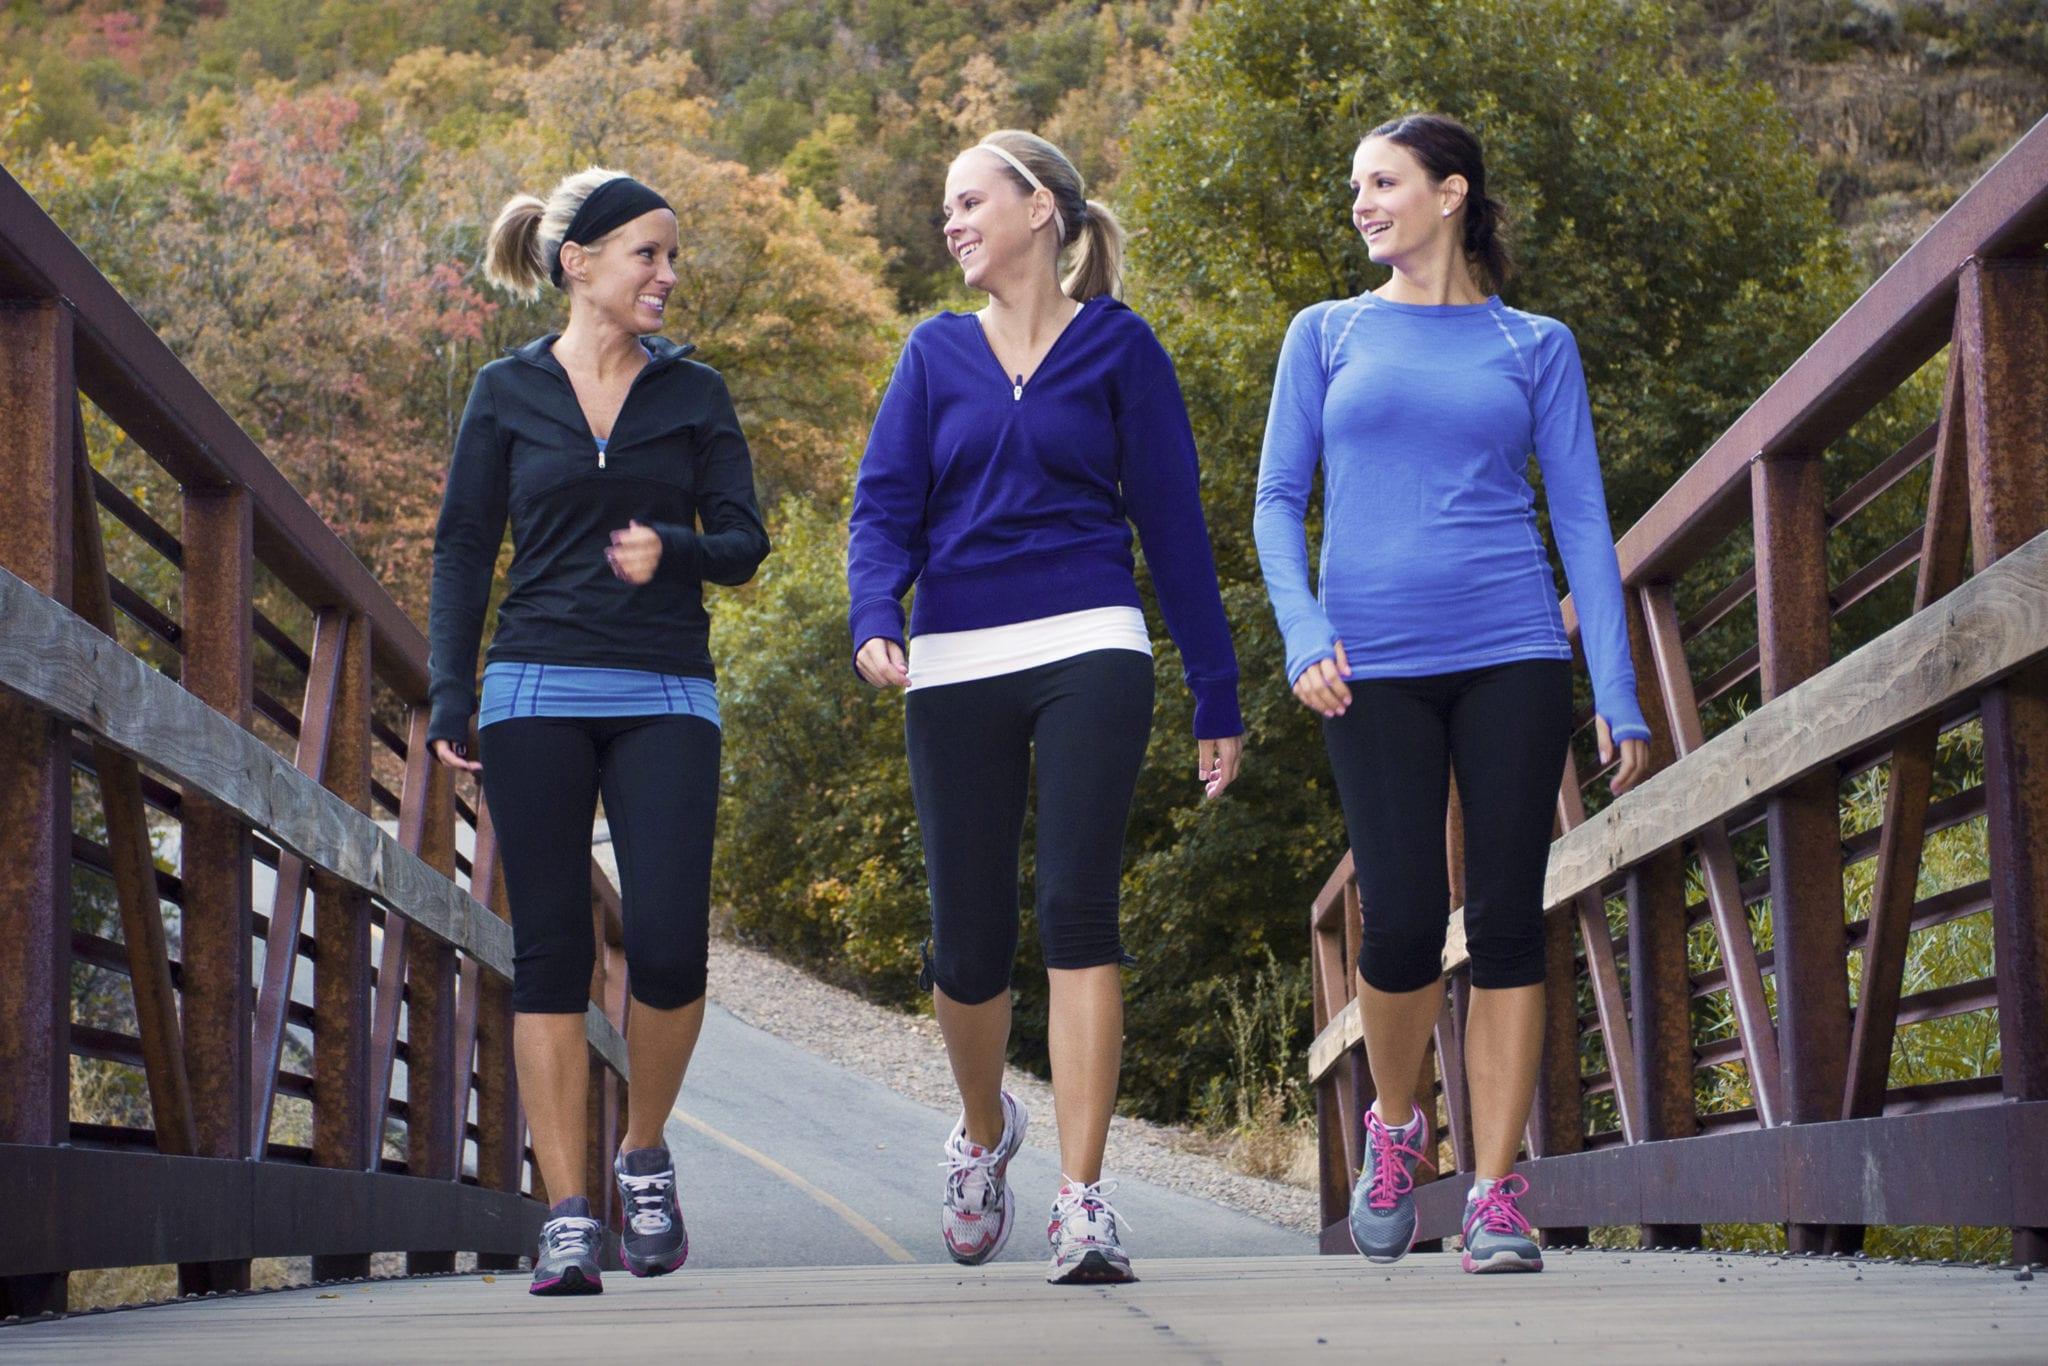 Hít thở đều và hóp bụng khi đi bộ giảm cân